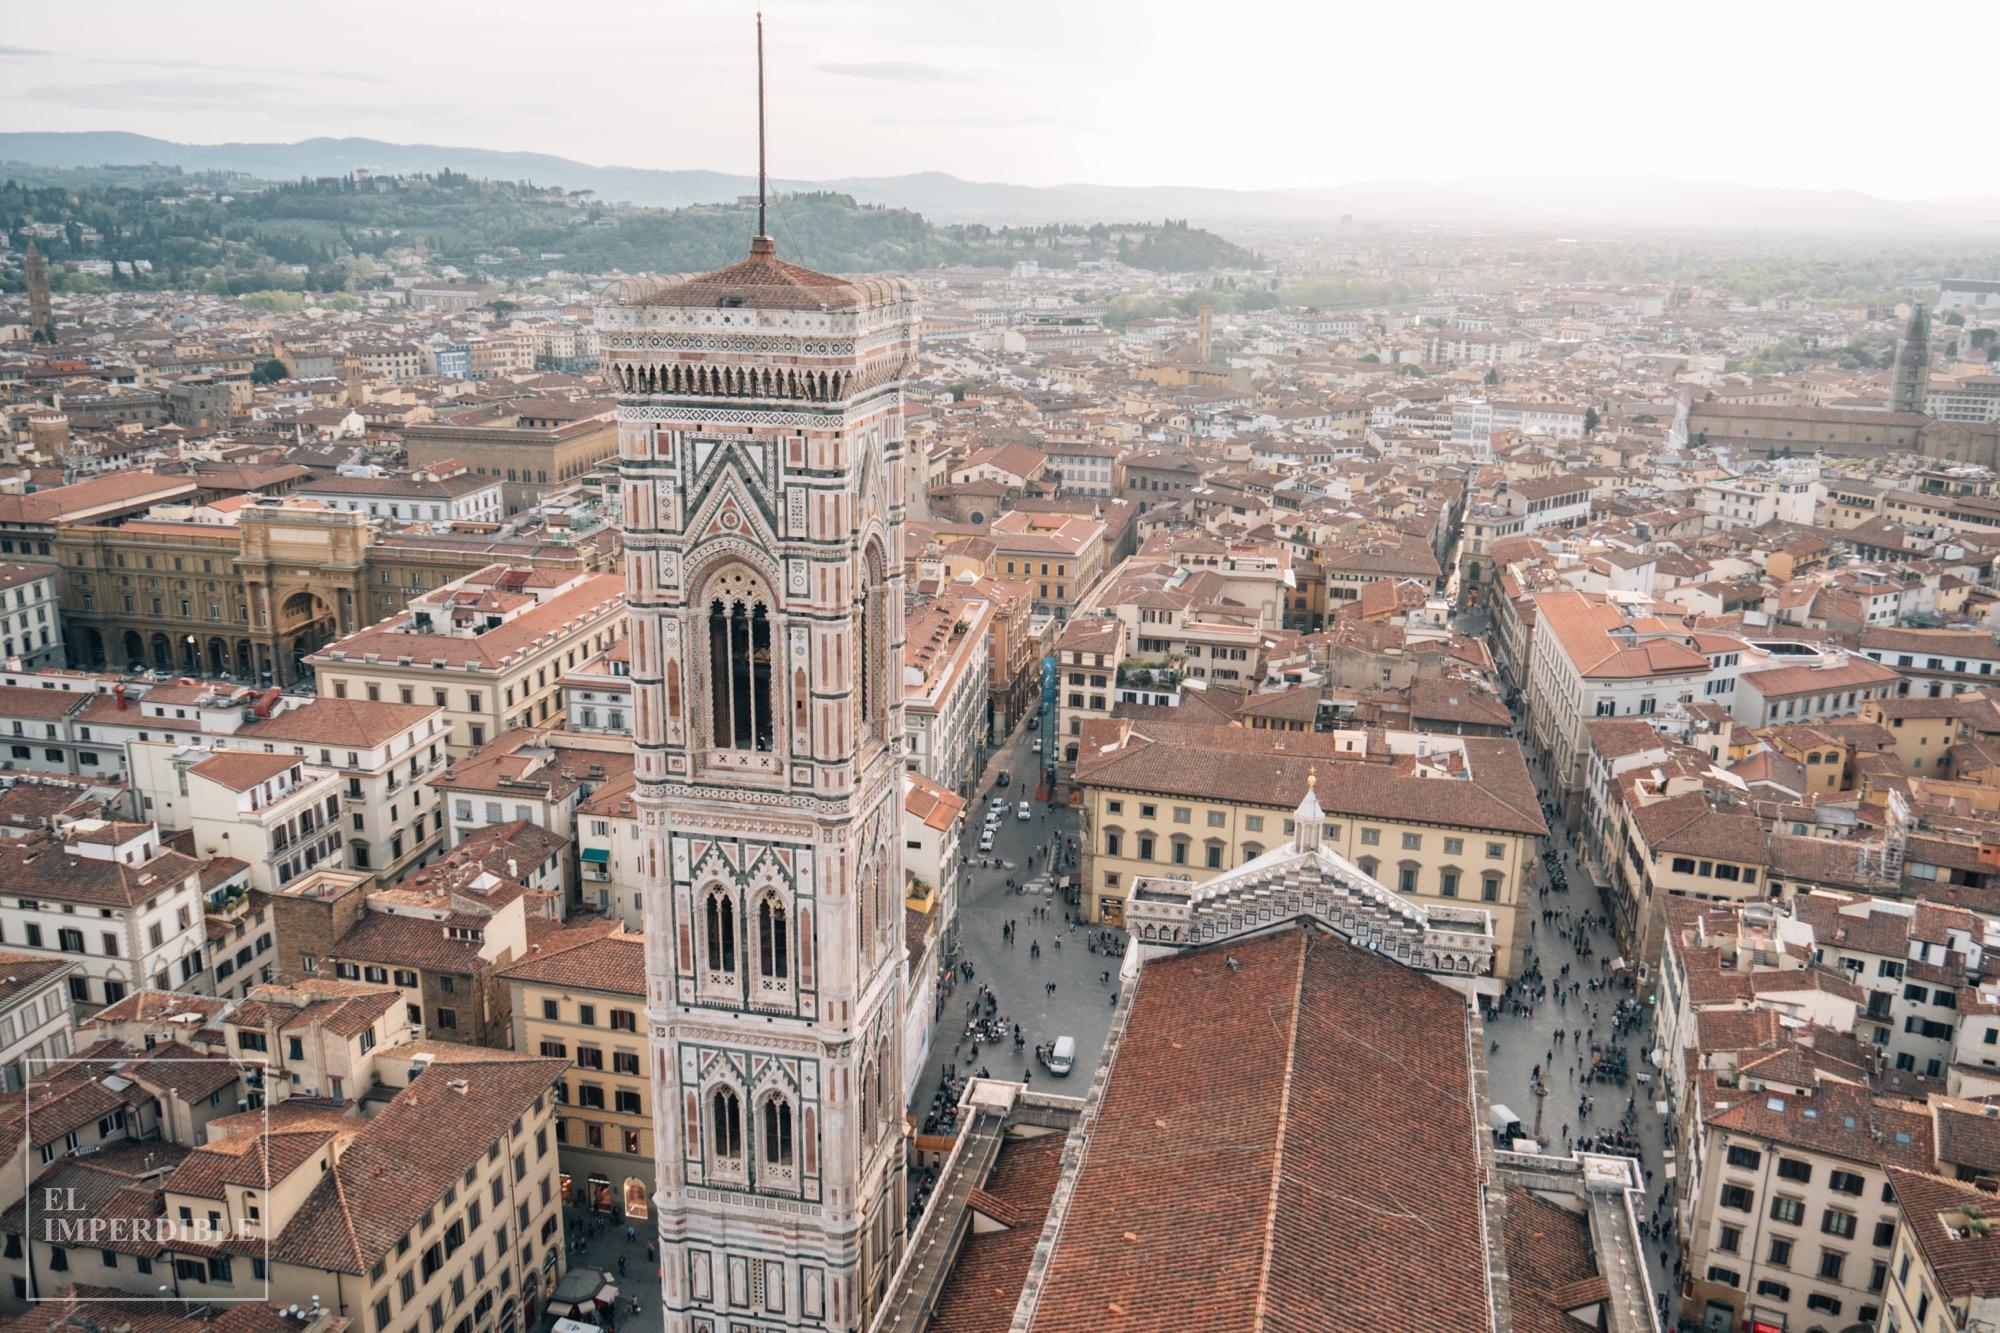 Lugares que ver en Florencia  Catedral de Santa Maria del Fiore